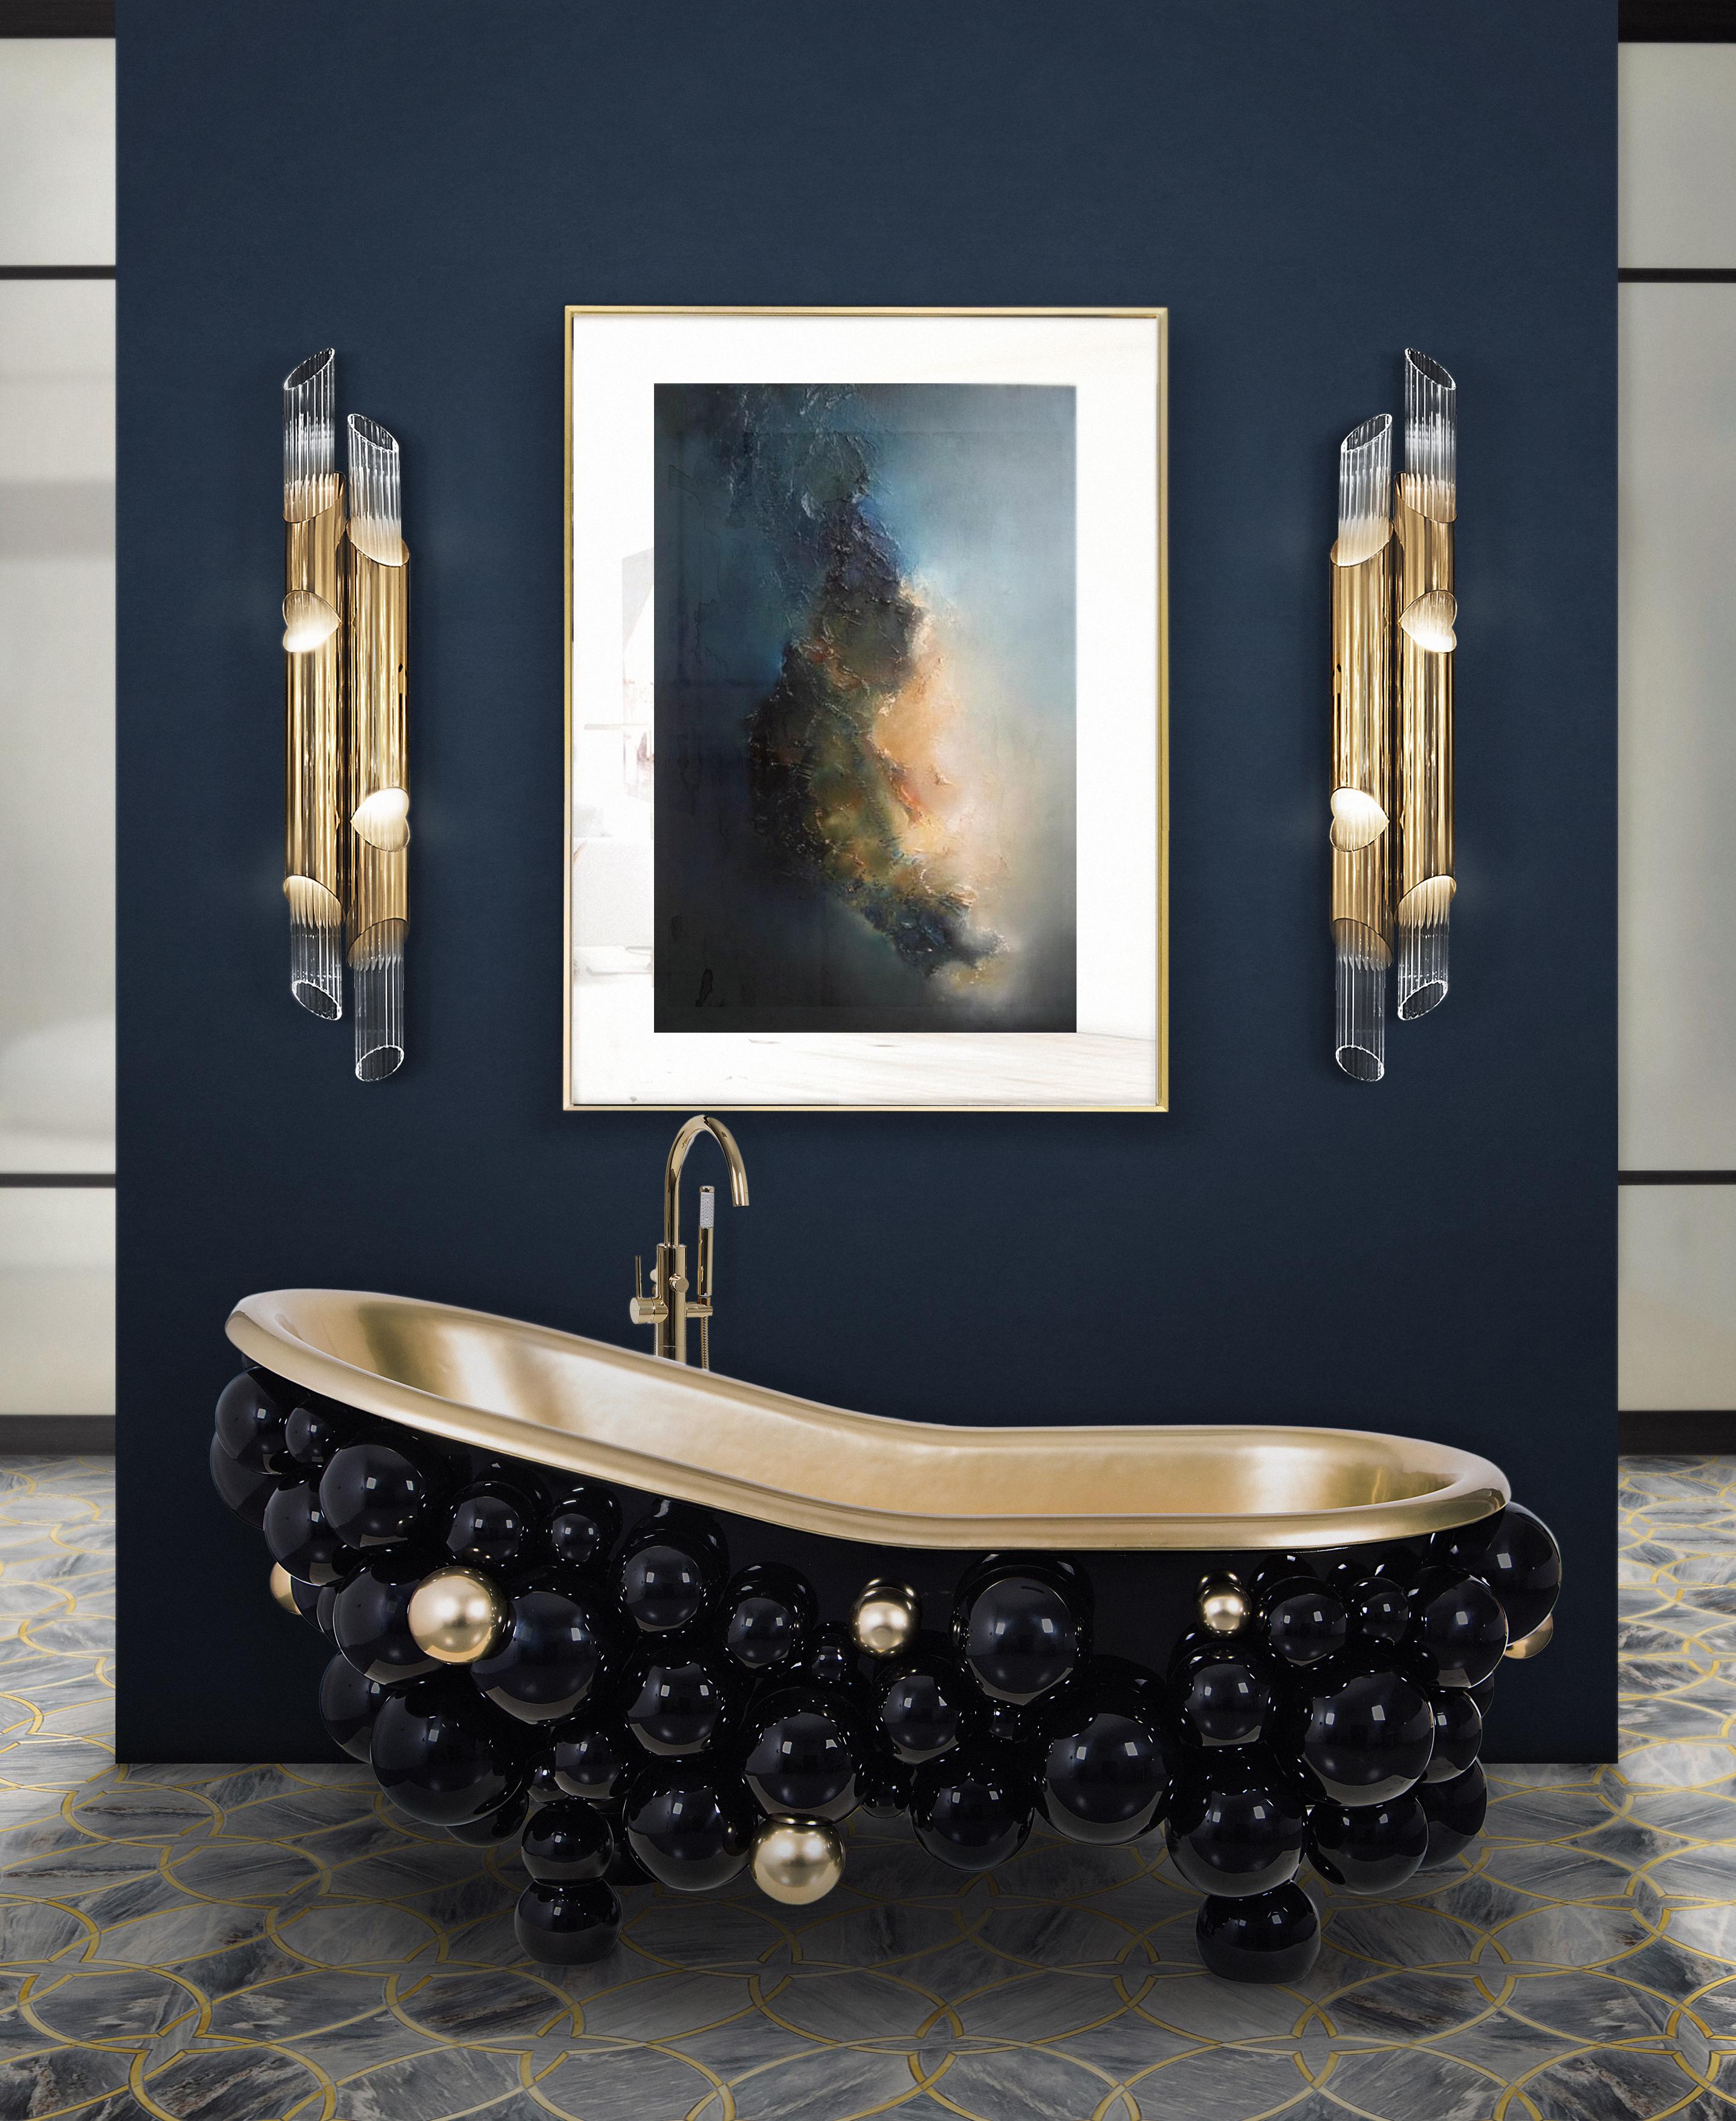 Most Amazing Bathroom Design Trends for summer 2018 Most Amazing Bathroom Design Trends for summer 2018 The Most Amazing Bathroom Design Trends for summer 2018 26 newton bathtub ring mirror 2 HR